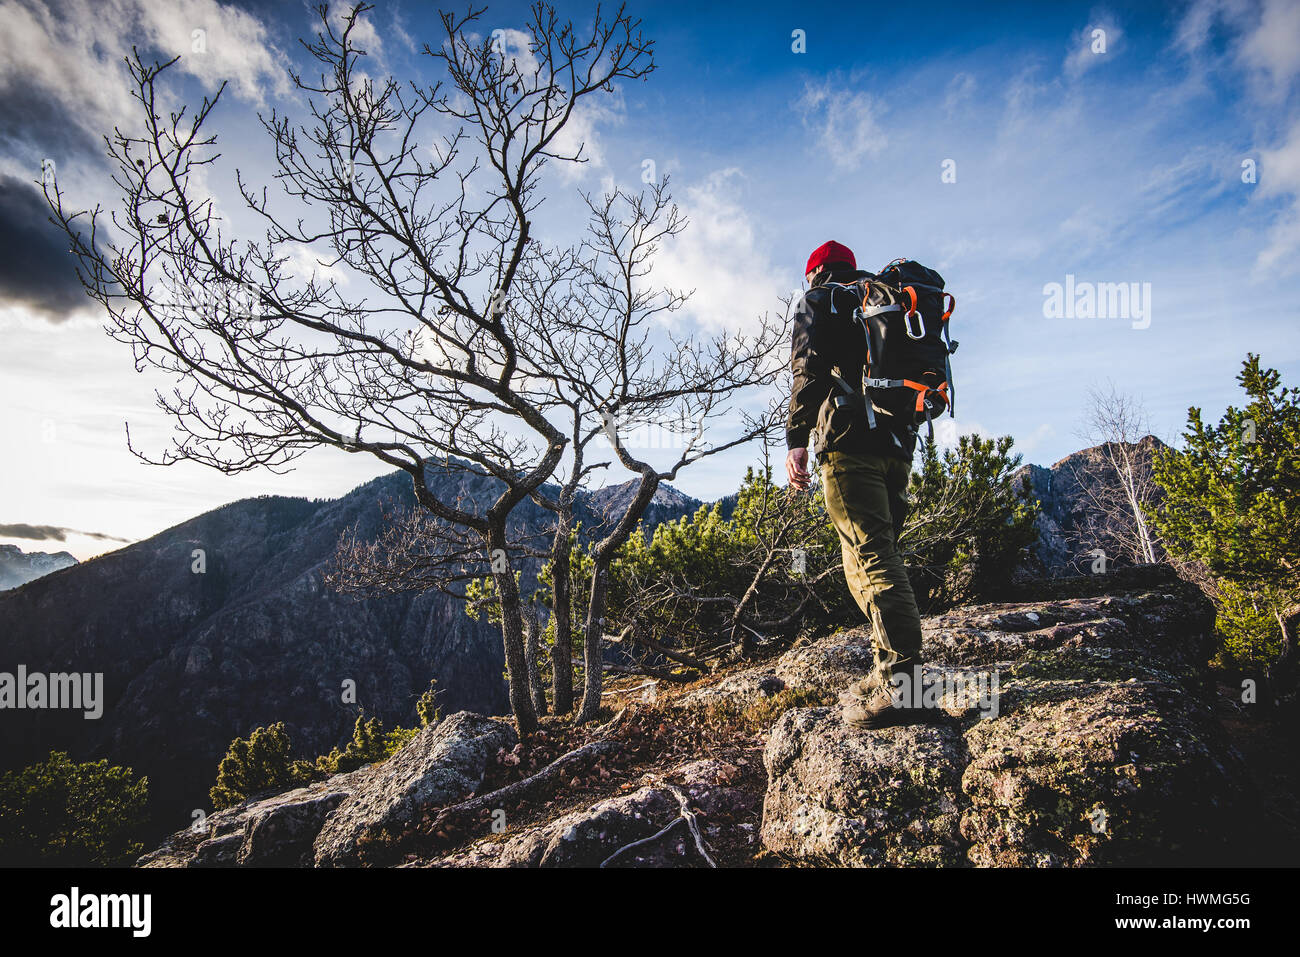 Randonnée randonneur sur un sentier de montagne dans les bois - wanderlust travel concept avec les sportifs à l'excursion Banque D'Images